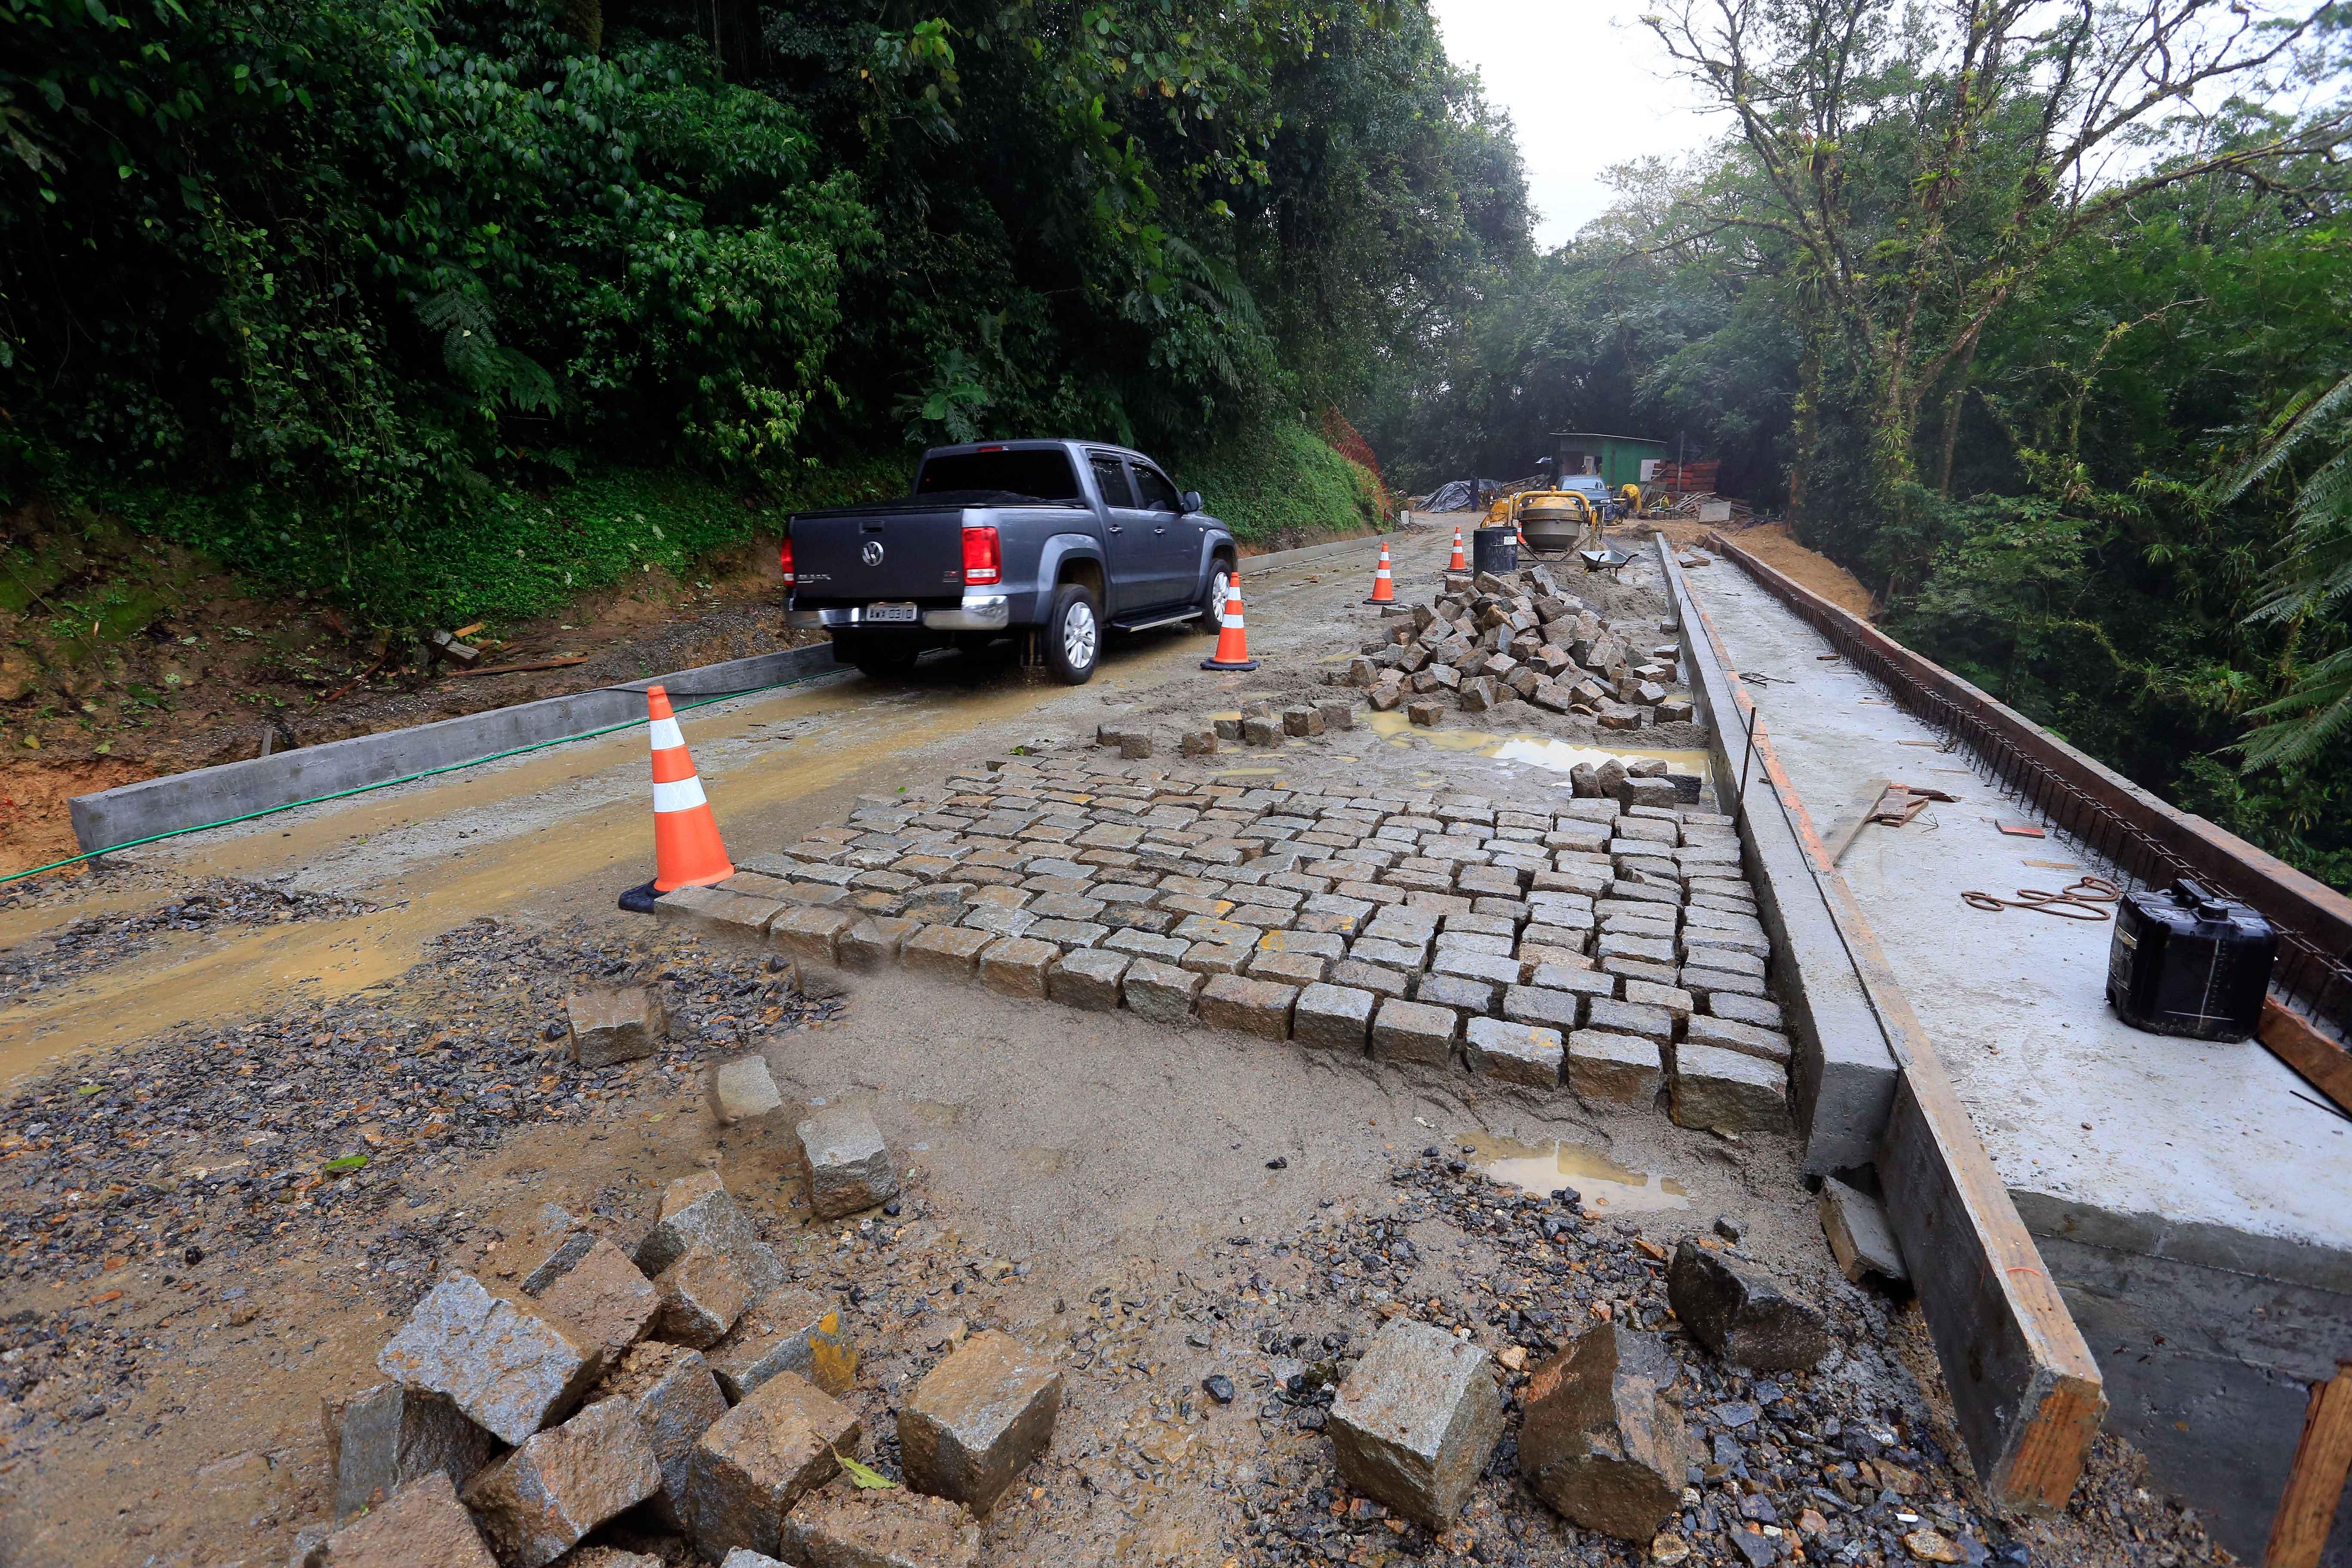 Estrada da Graciosa: pavimentação original, em paralelepípedo, será mantida